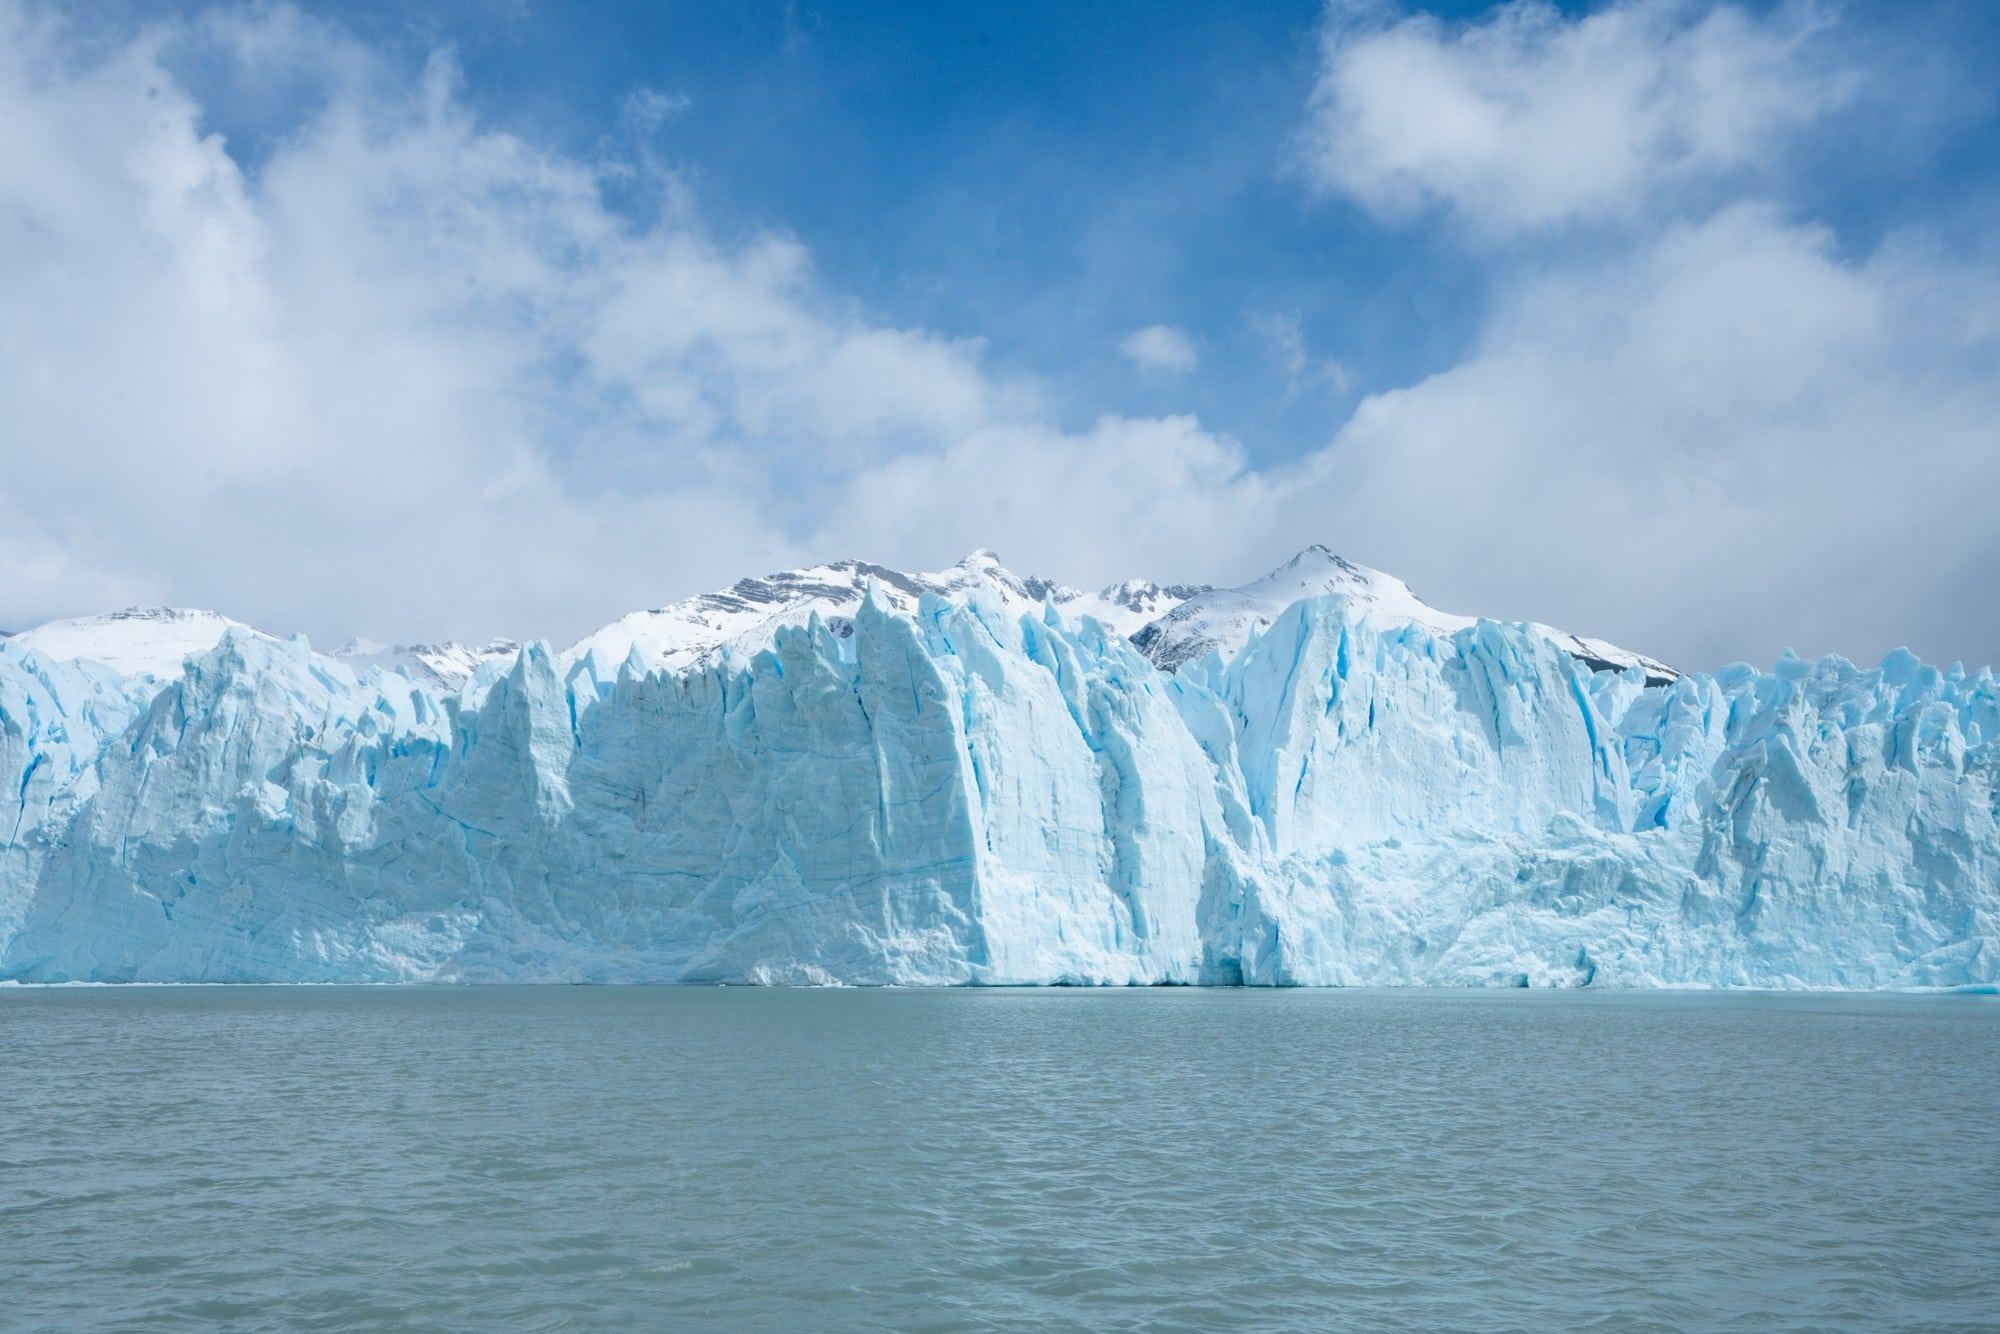 Boat tour of the Perito Moreno Glacier in El Calafate, Argentina (Patagonia)